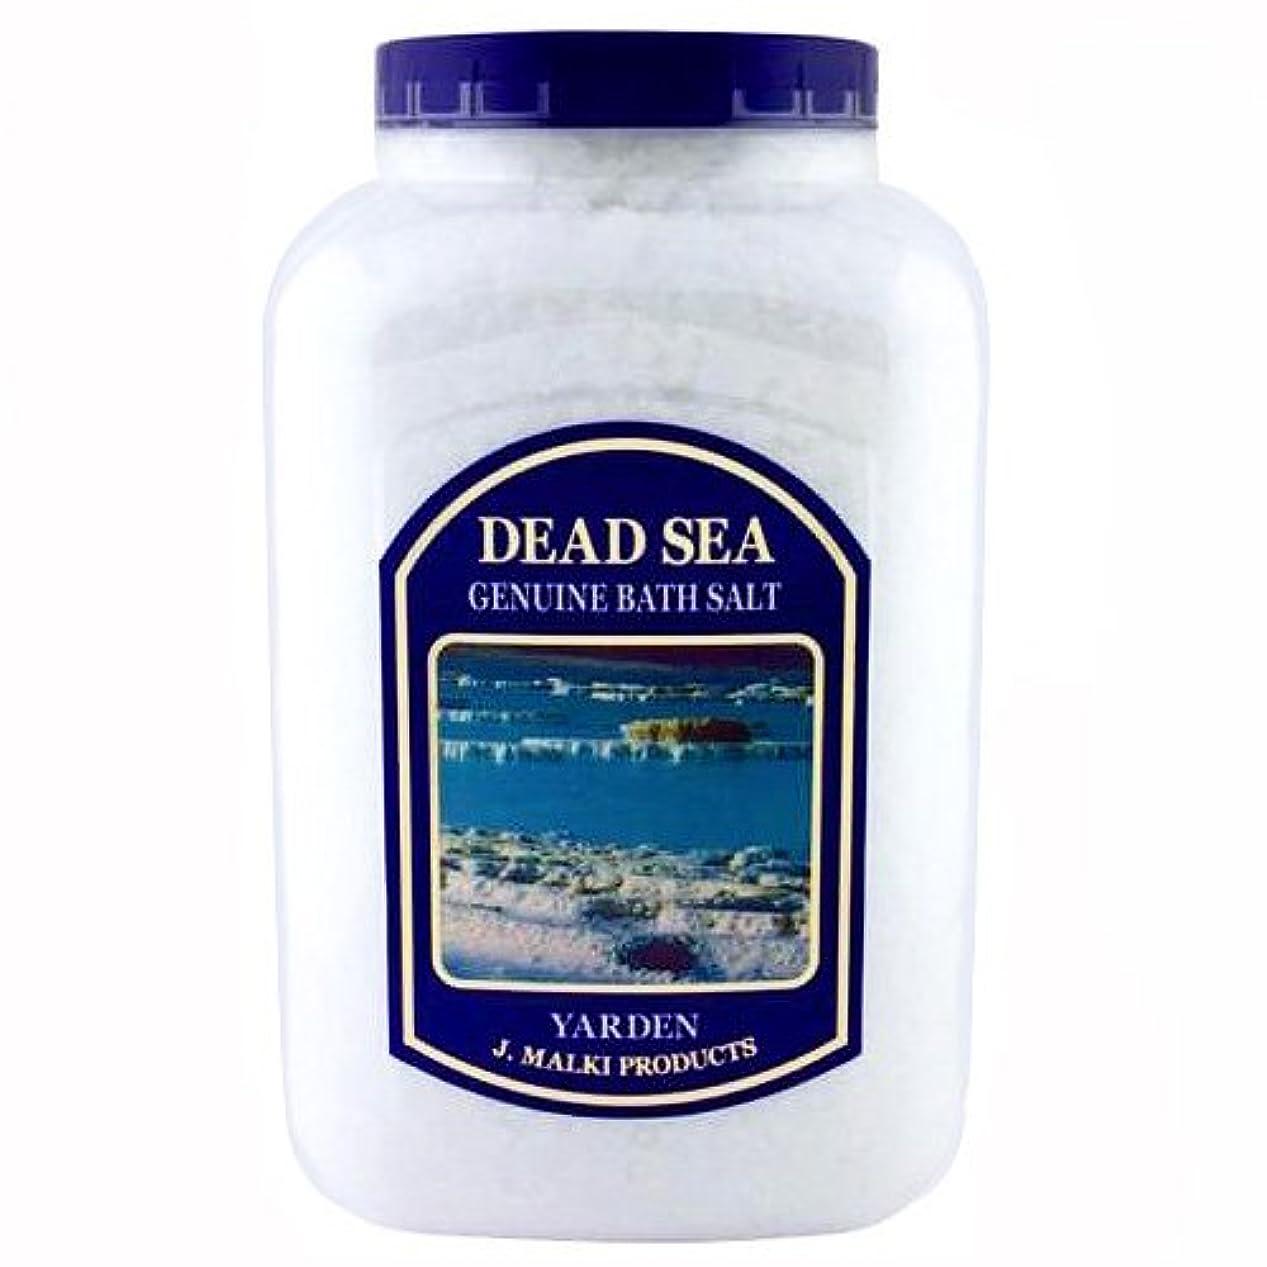 青写真地殻スラム街デッドシー?バスソルト 4.5kg(約45回分)【DEAD SEA BATH SALT】死海の塩/入浴剤(入浴用化粧品)【正規販売店】